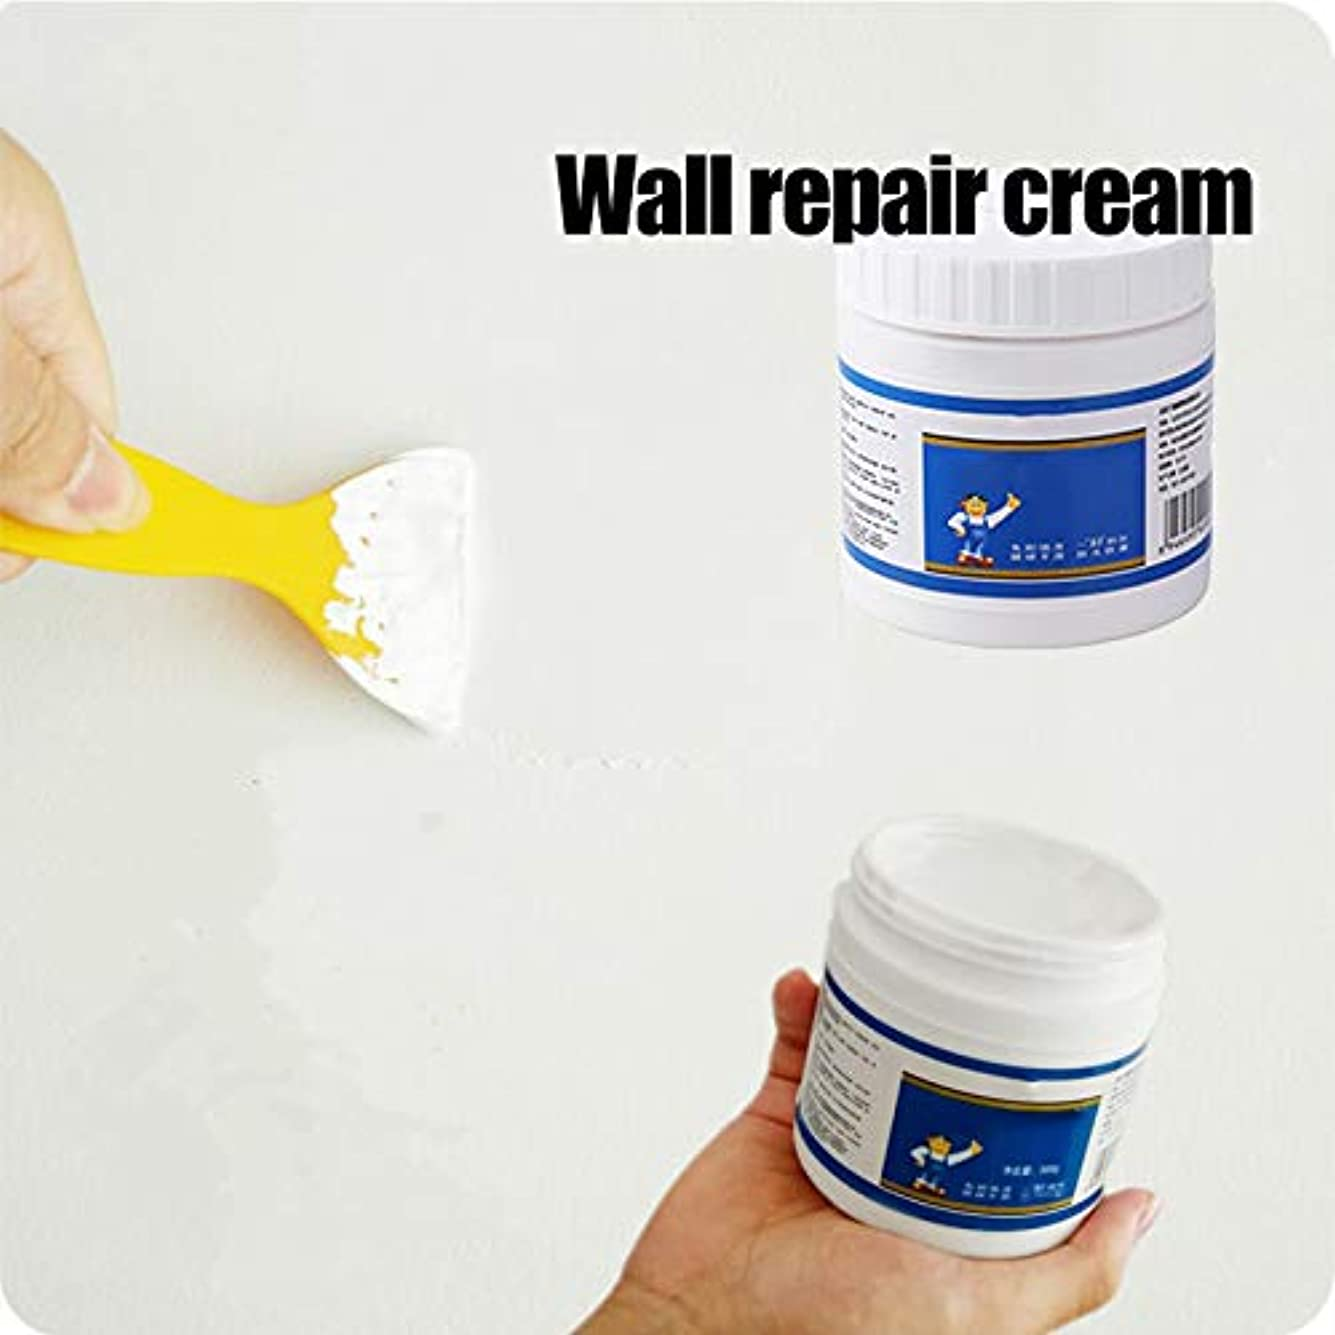 個人的に消化好意Aylincool壁修理クリーム、壁亀裂修理クリーム、ラテックスペースト防水非腐食性ホルムアルデヒドペーストラテックス